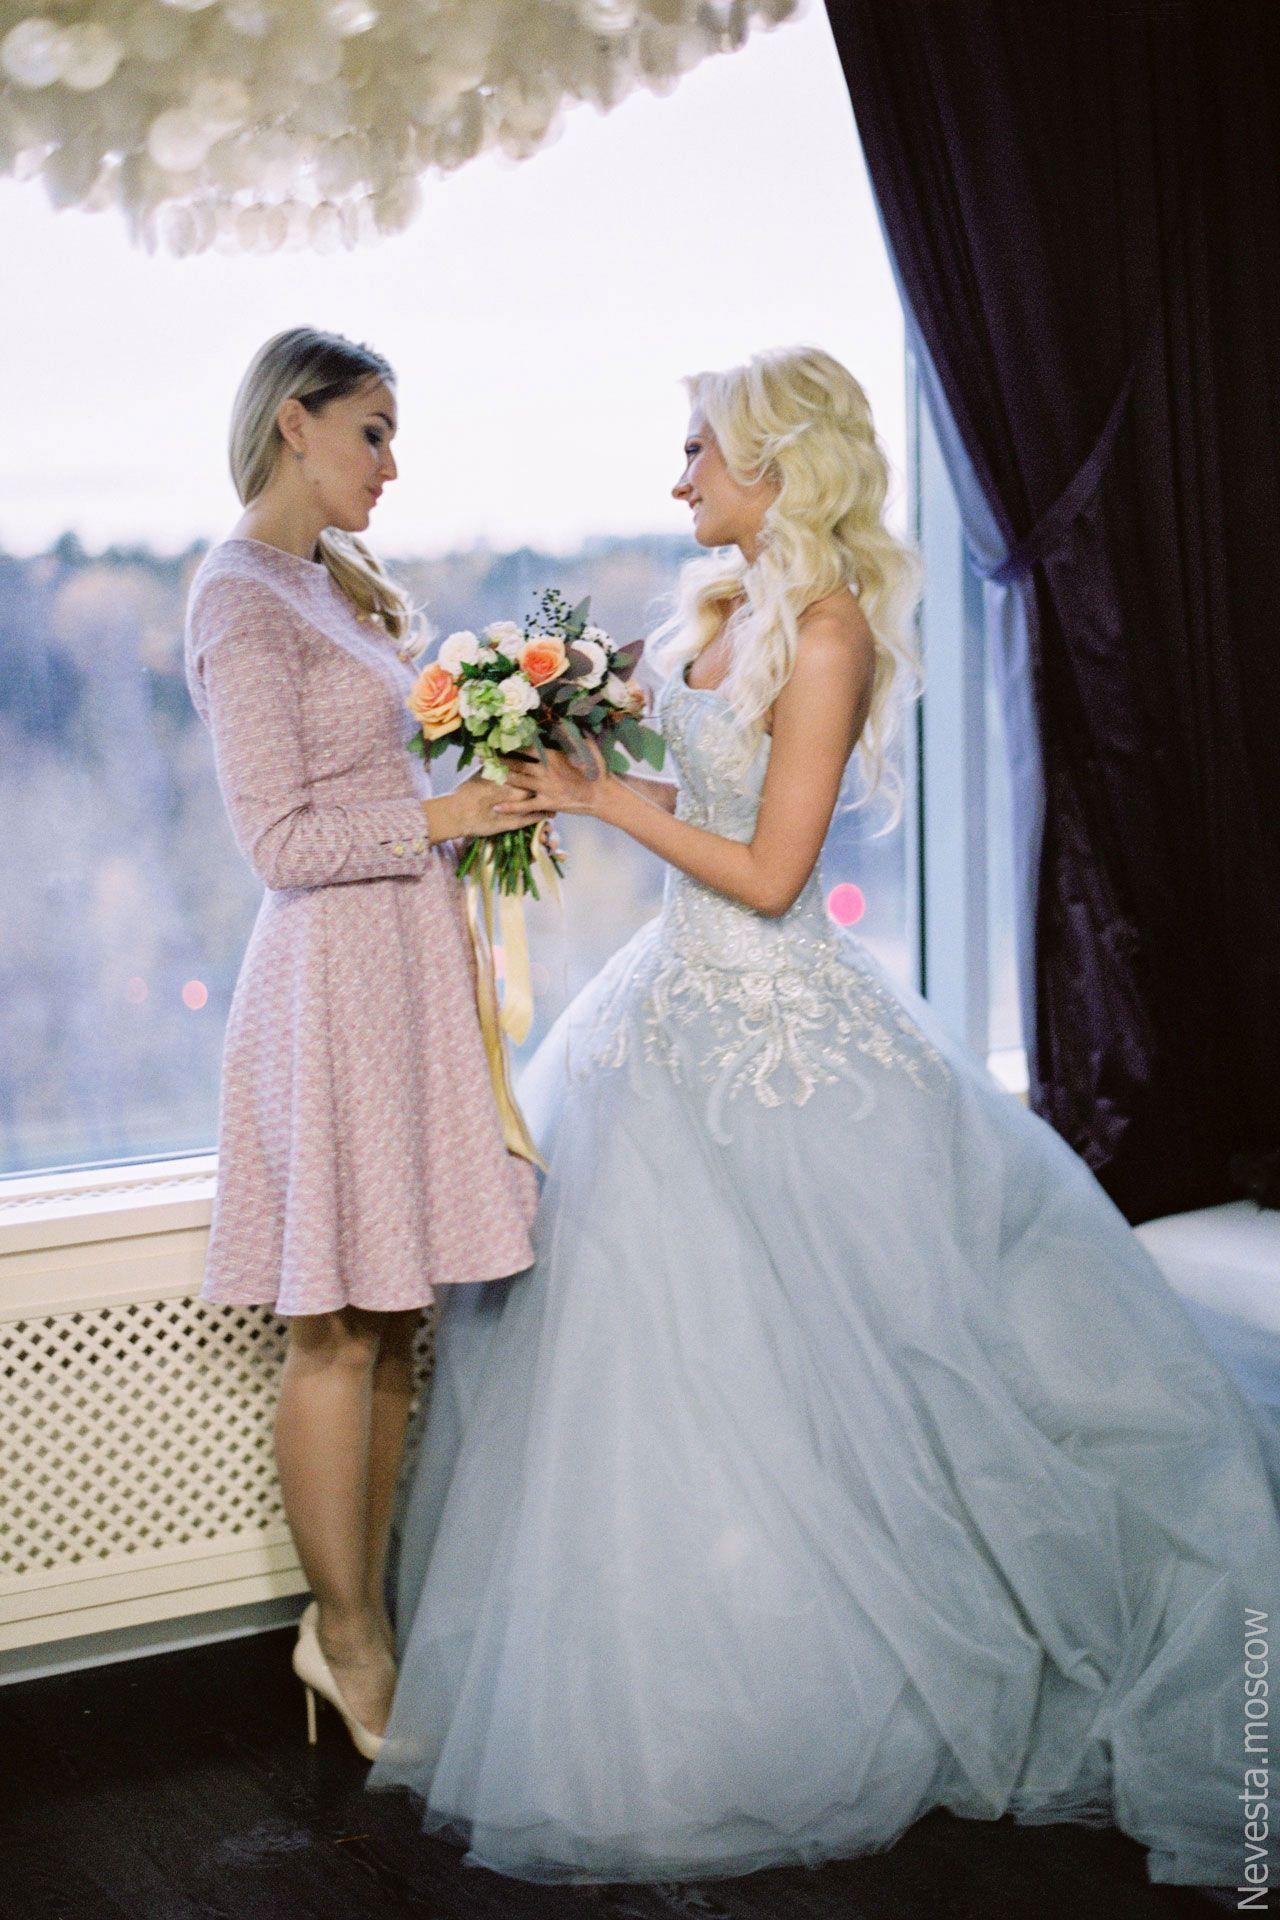 актриса Полина Максимова примеряет свадебное платье фото 6